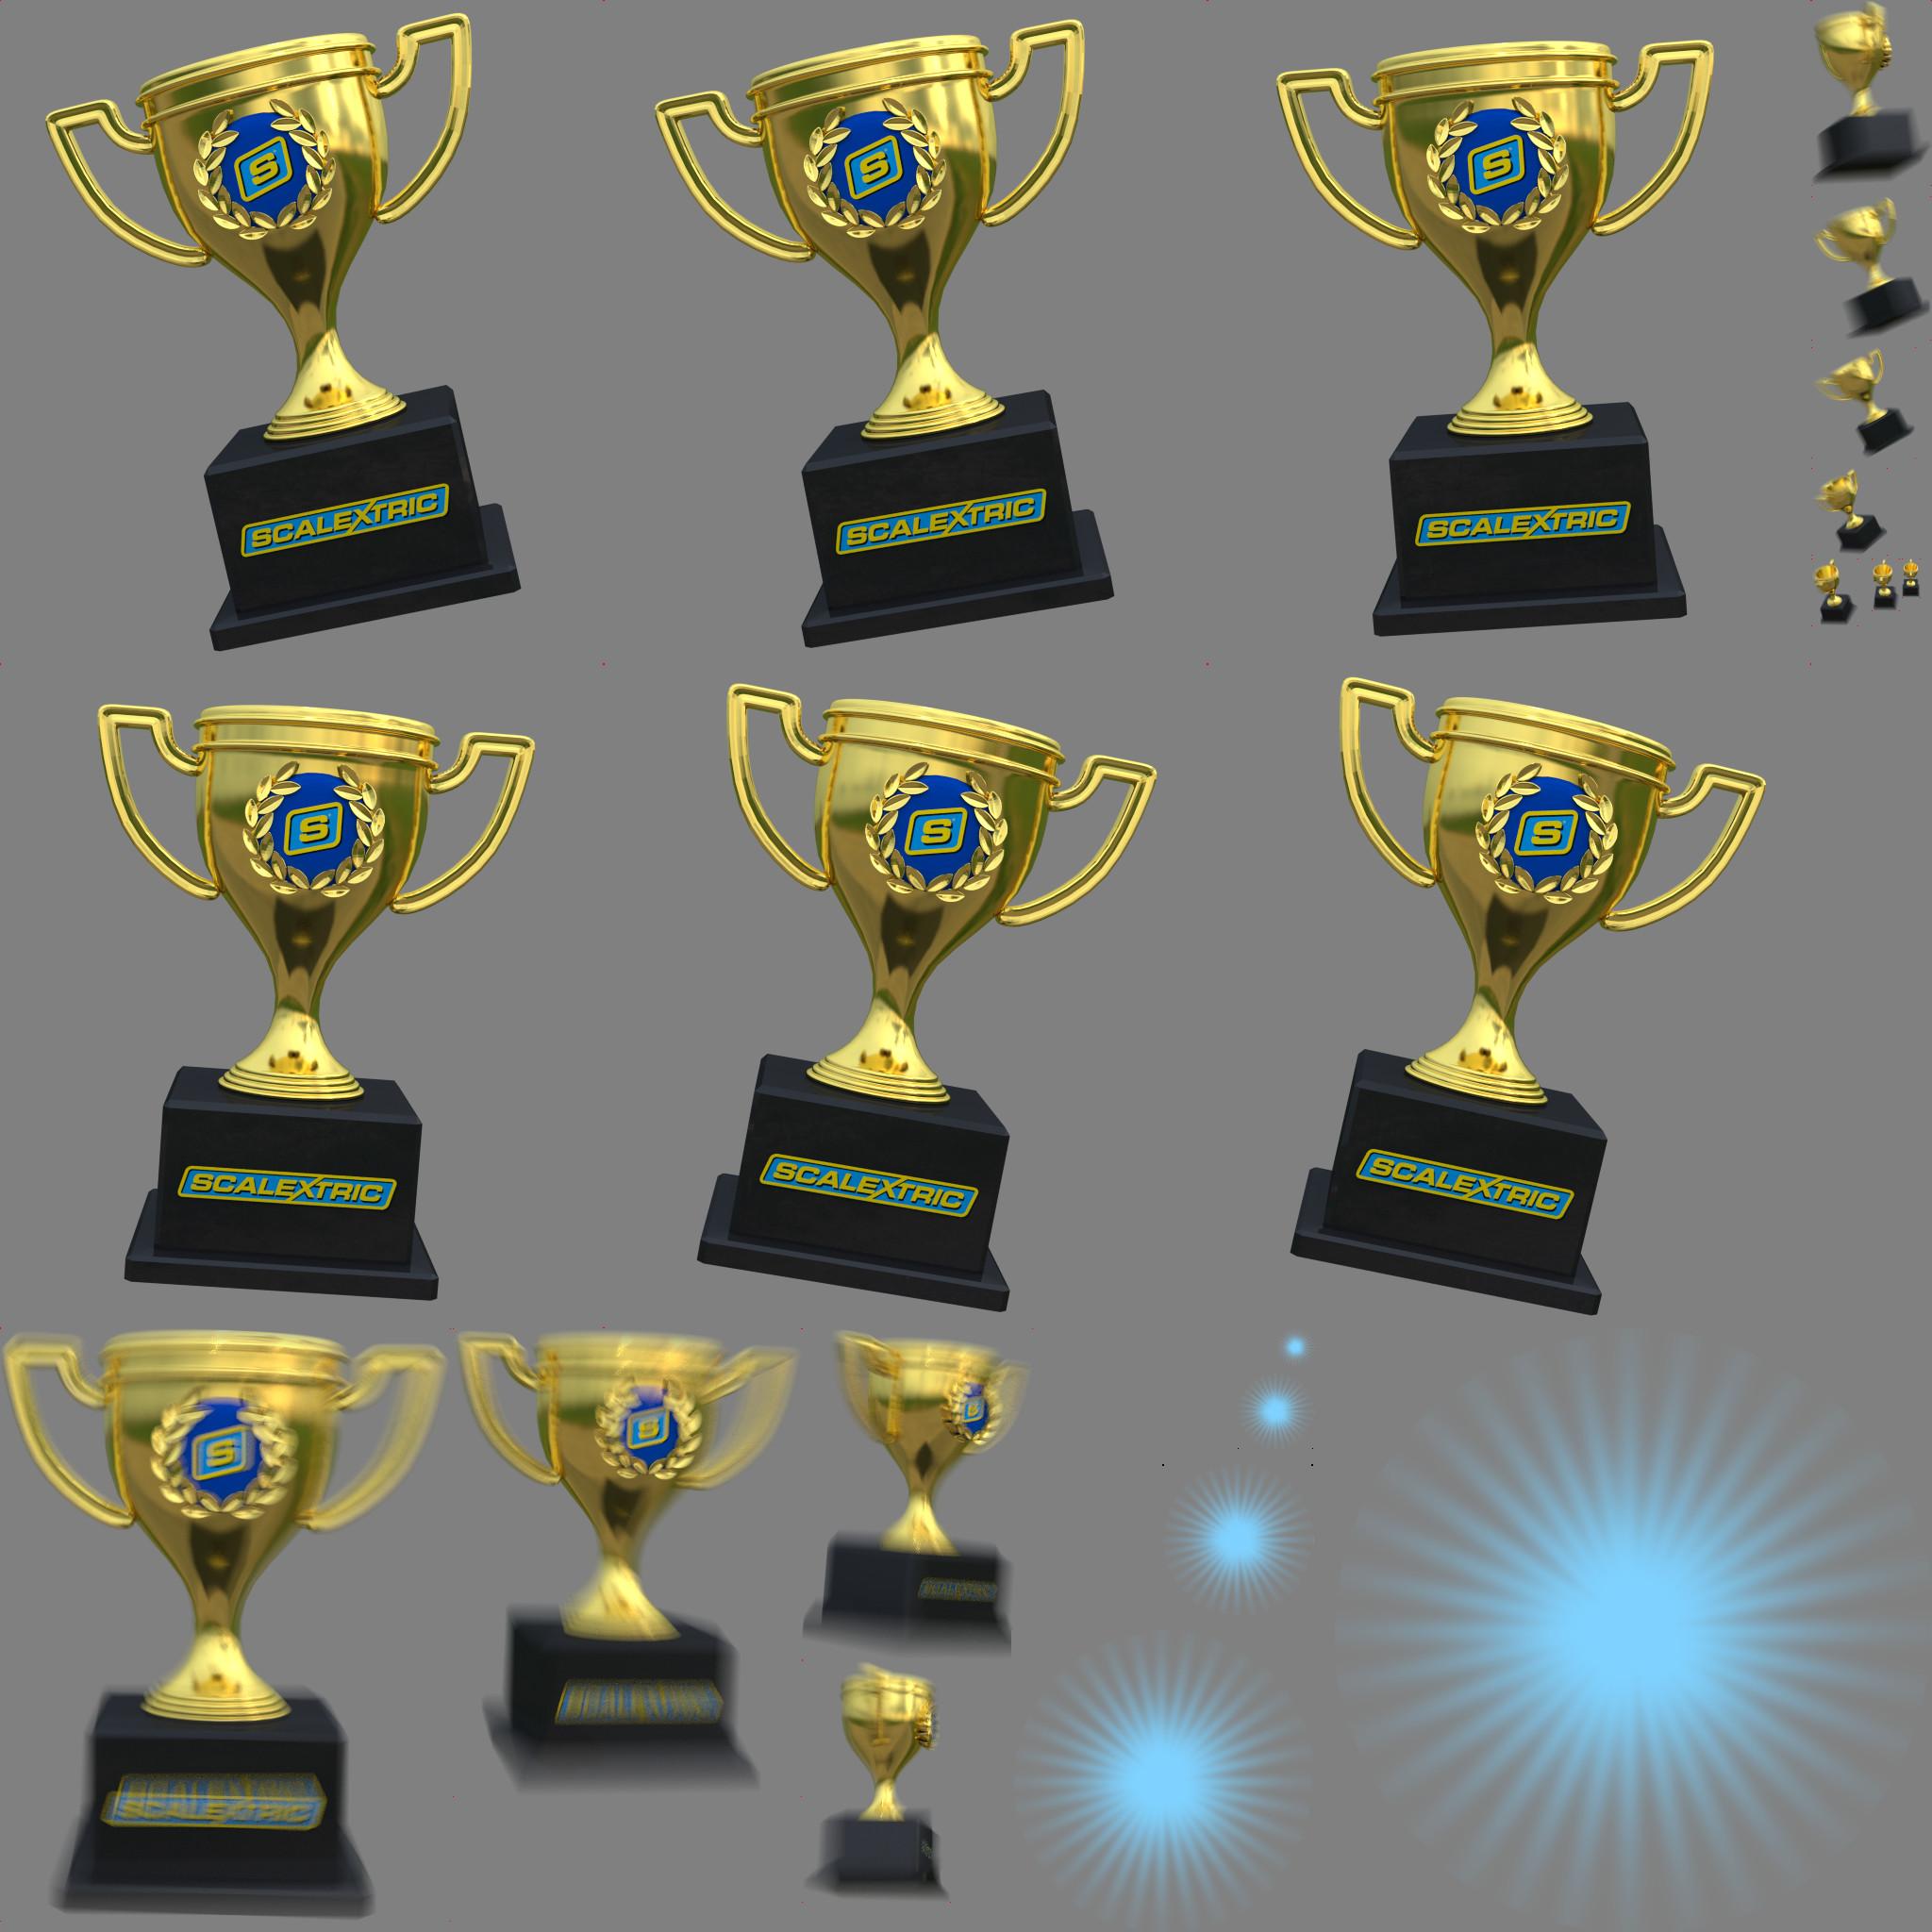 Ingame sprite sheet showing trophy rendered in Blender3D